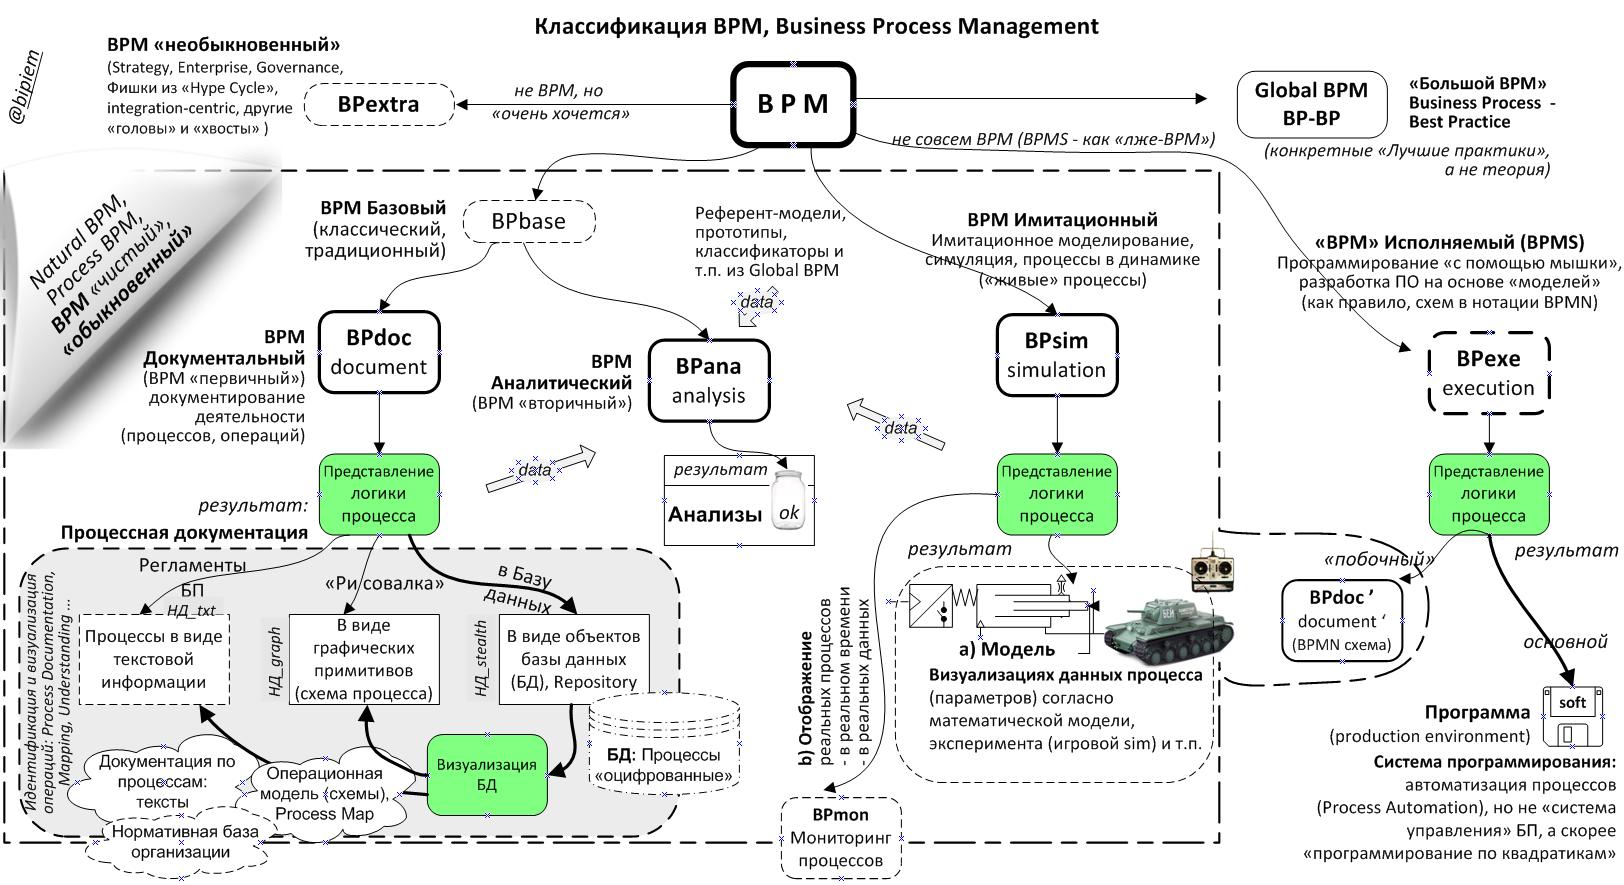 Бизнес-процессы: Как все запущено и запутано. Глава Третья. Общая классификация BPM и философия BPMS - 4